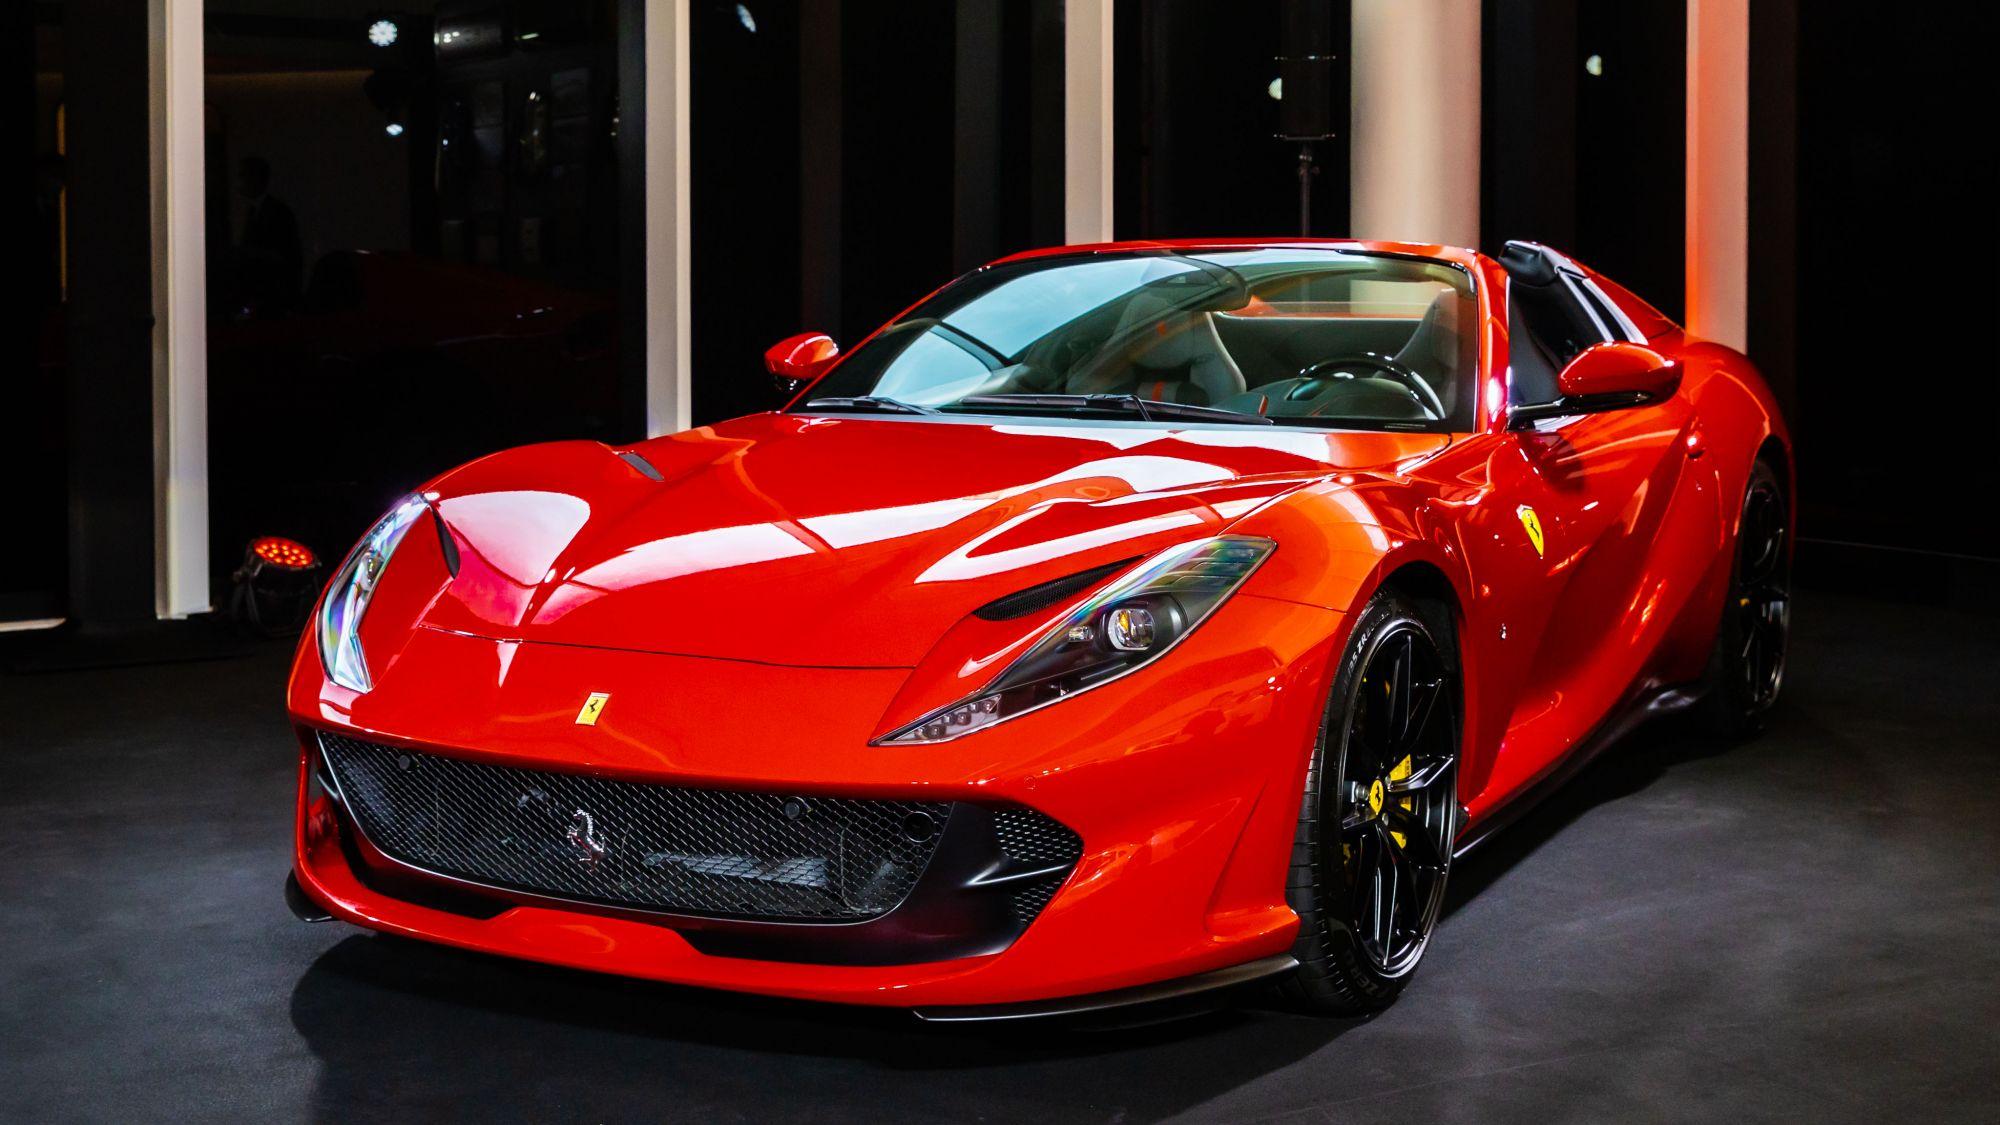 睽違50年 王者回歸!法拉利 Ferrari V12 引擎量產敞篷跑車812 GTS,3秒內從0加速到100公里/時